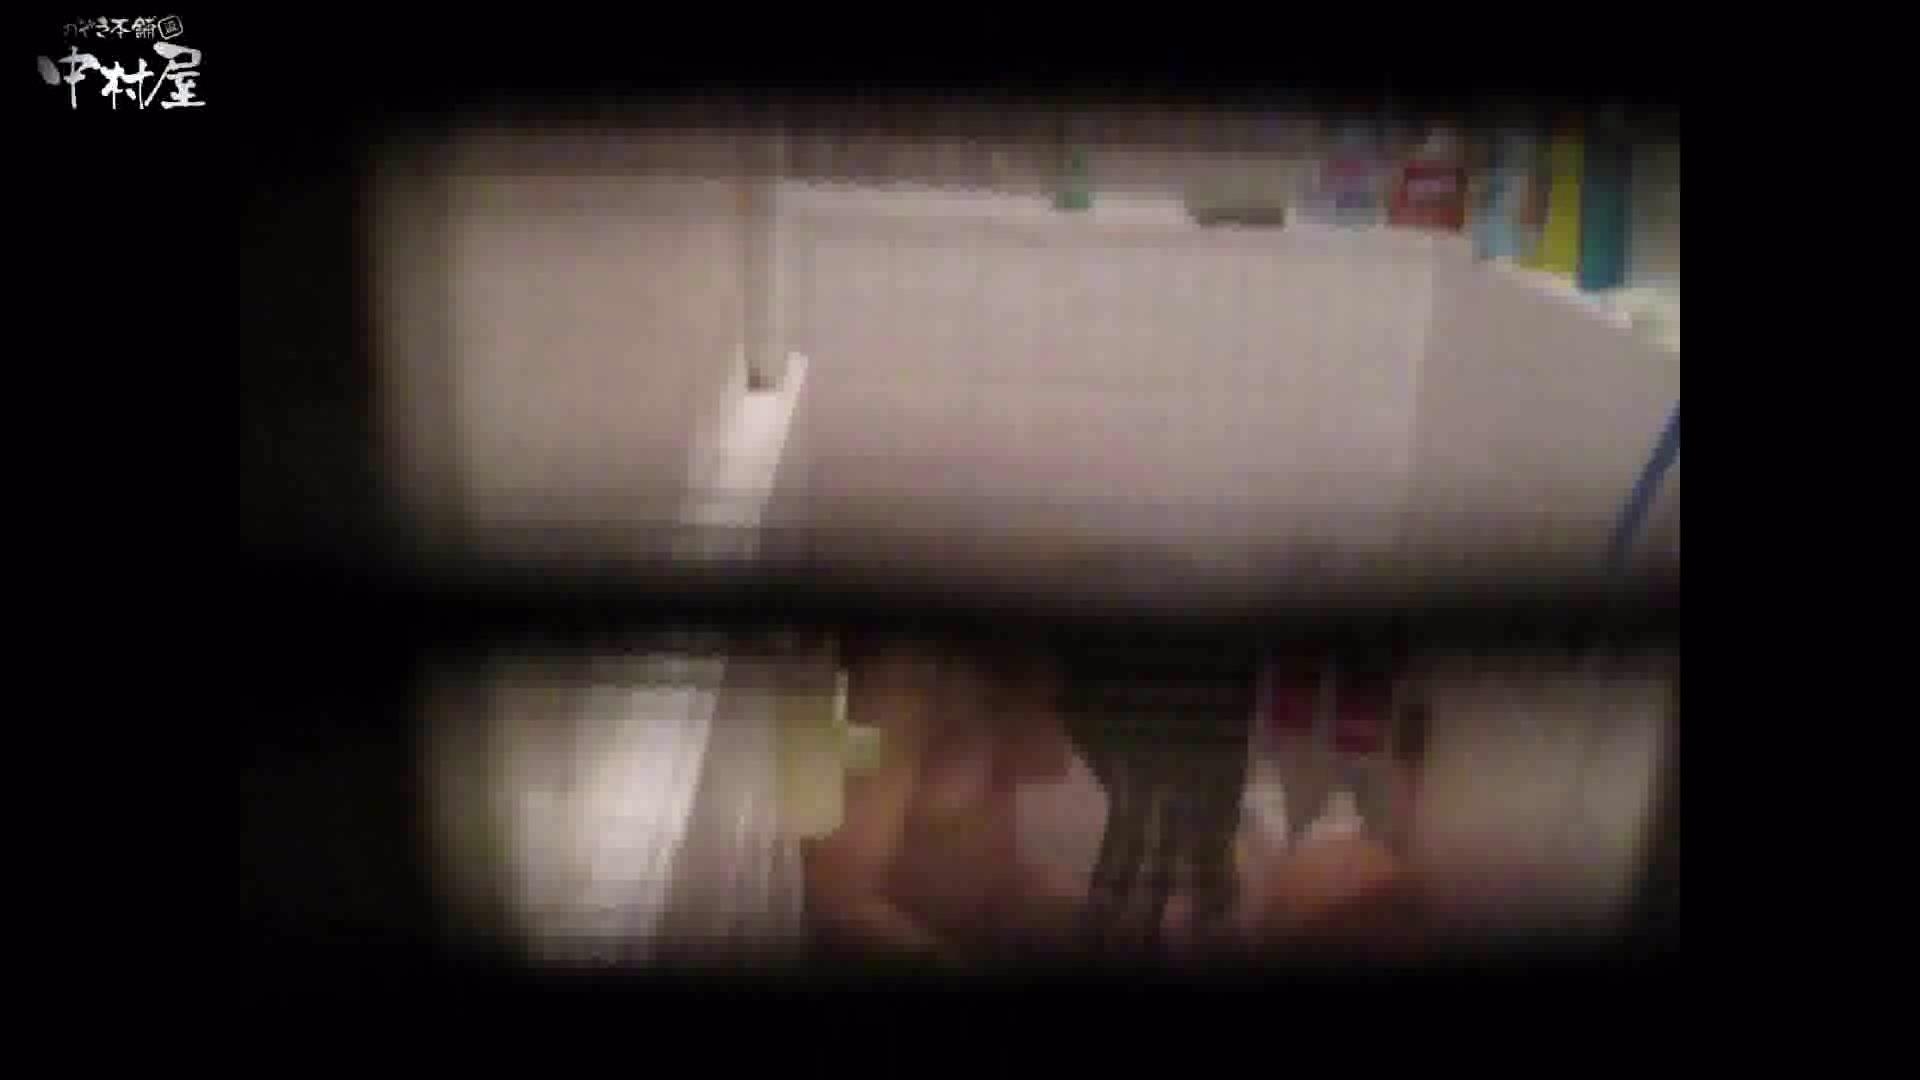 民家風呂専門盗撮師の超危険映像 vol.017 美女まとめ オマンコ無修正動画無料 110PIX 102